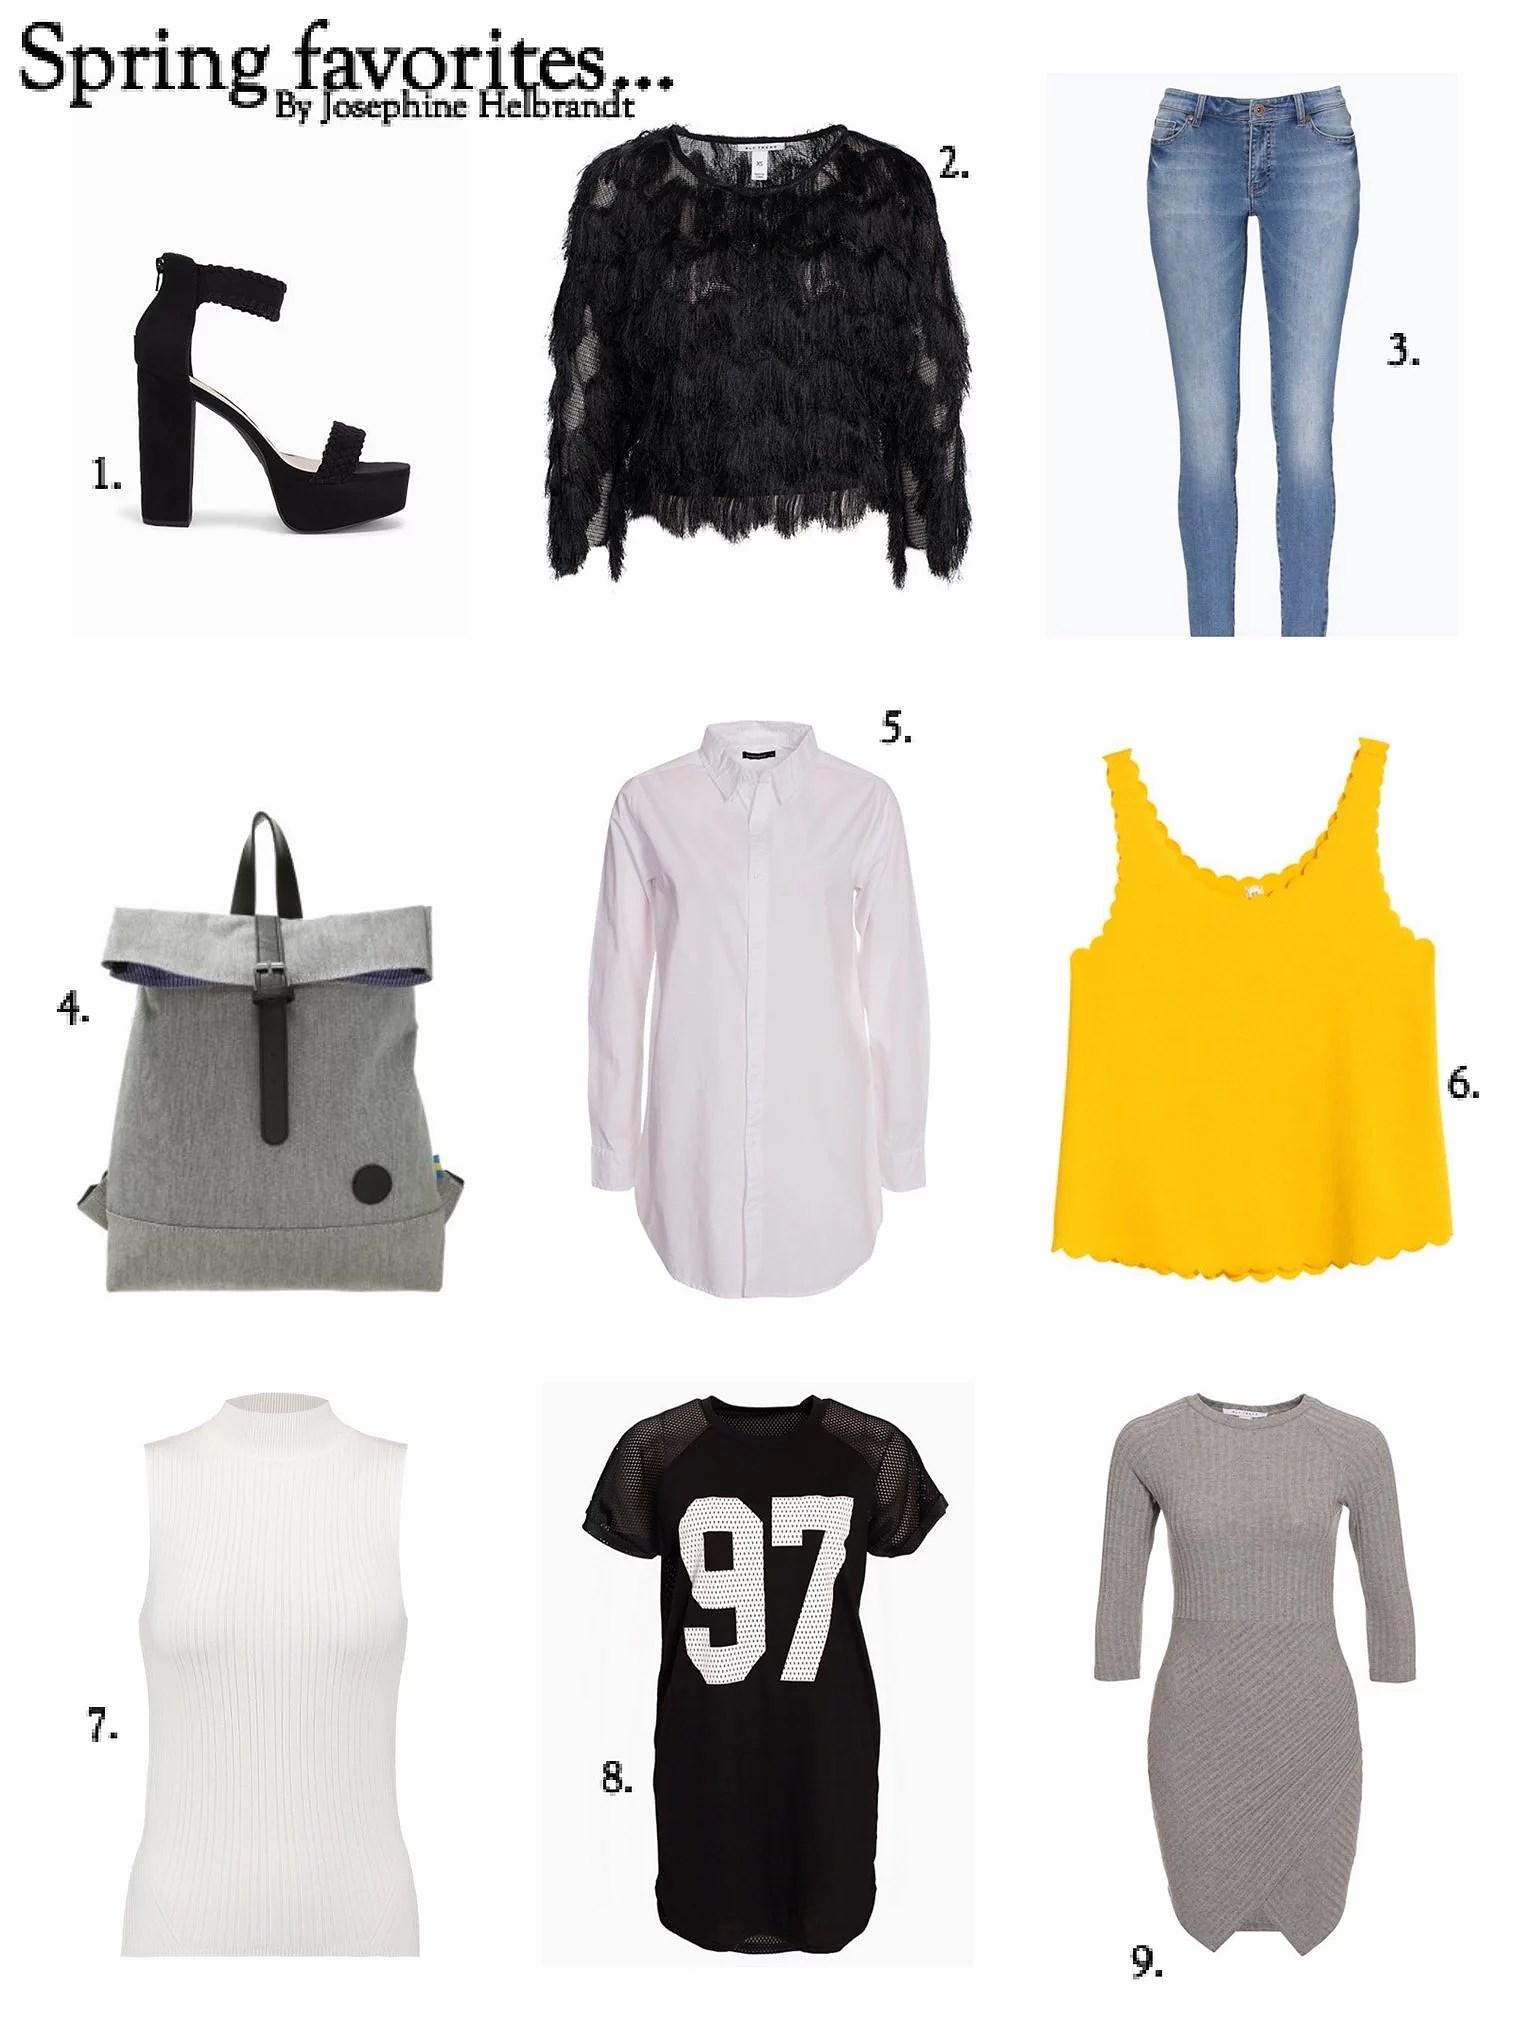 Spring fashion favorites ..